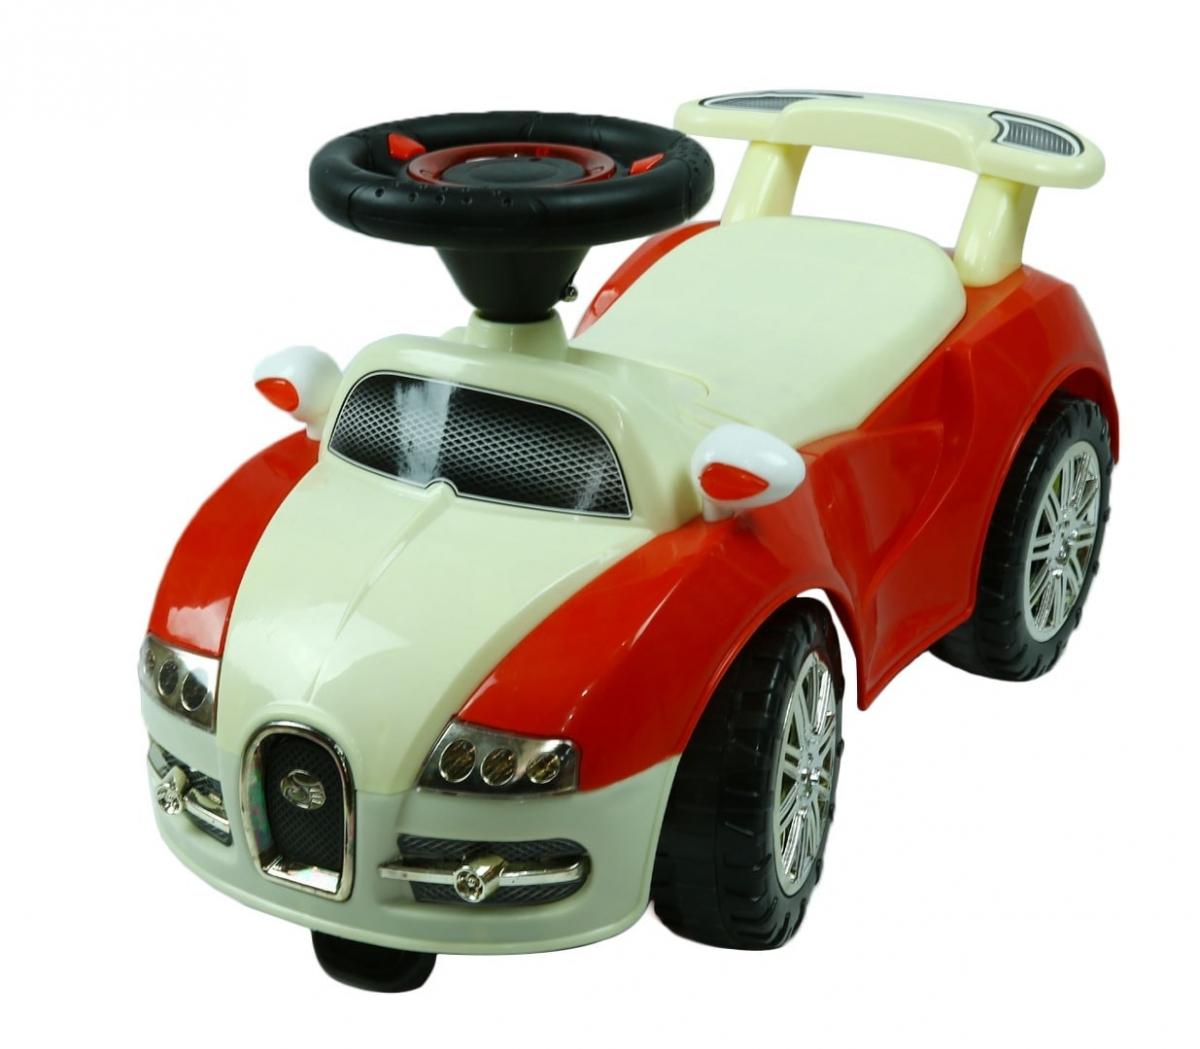 სათამაშო მანქანა FUNNY TOYS PLAST FTR-029 RED